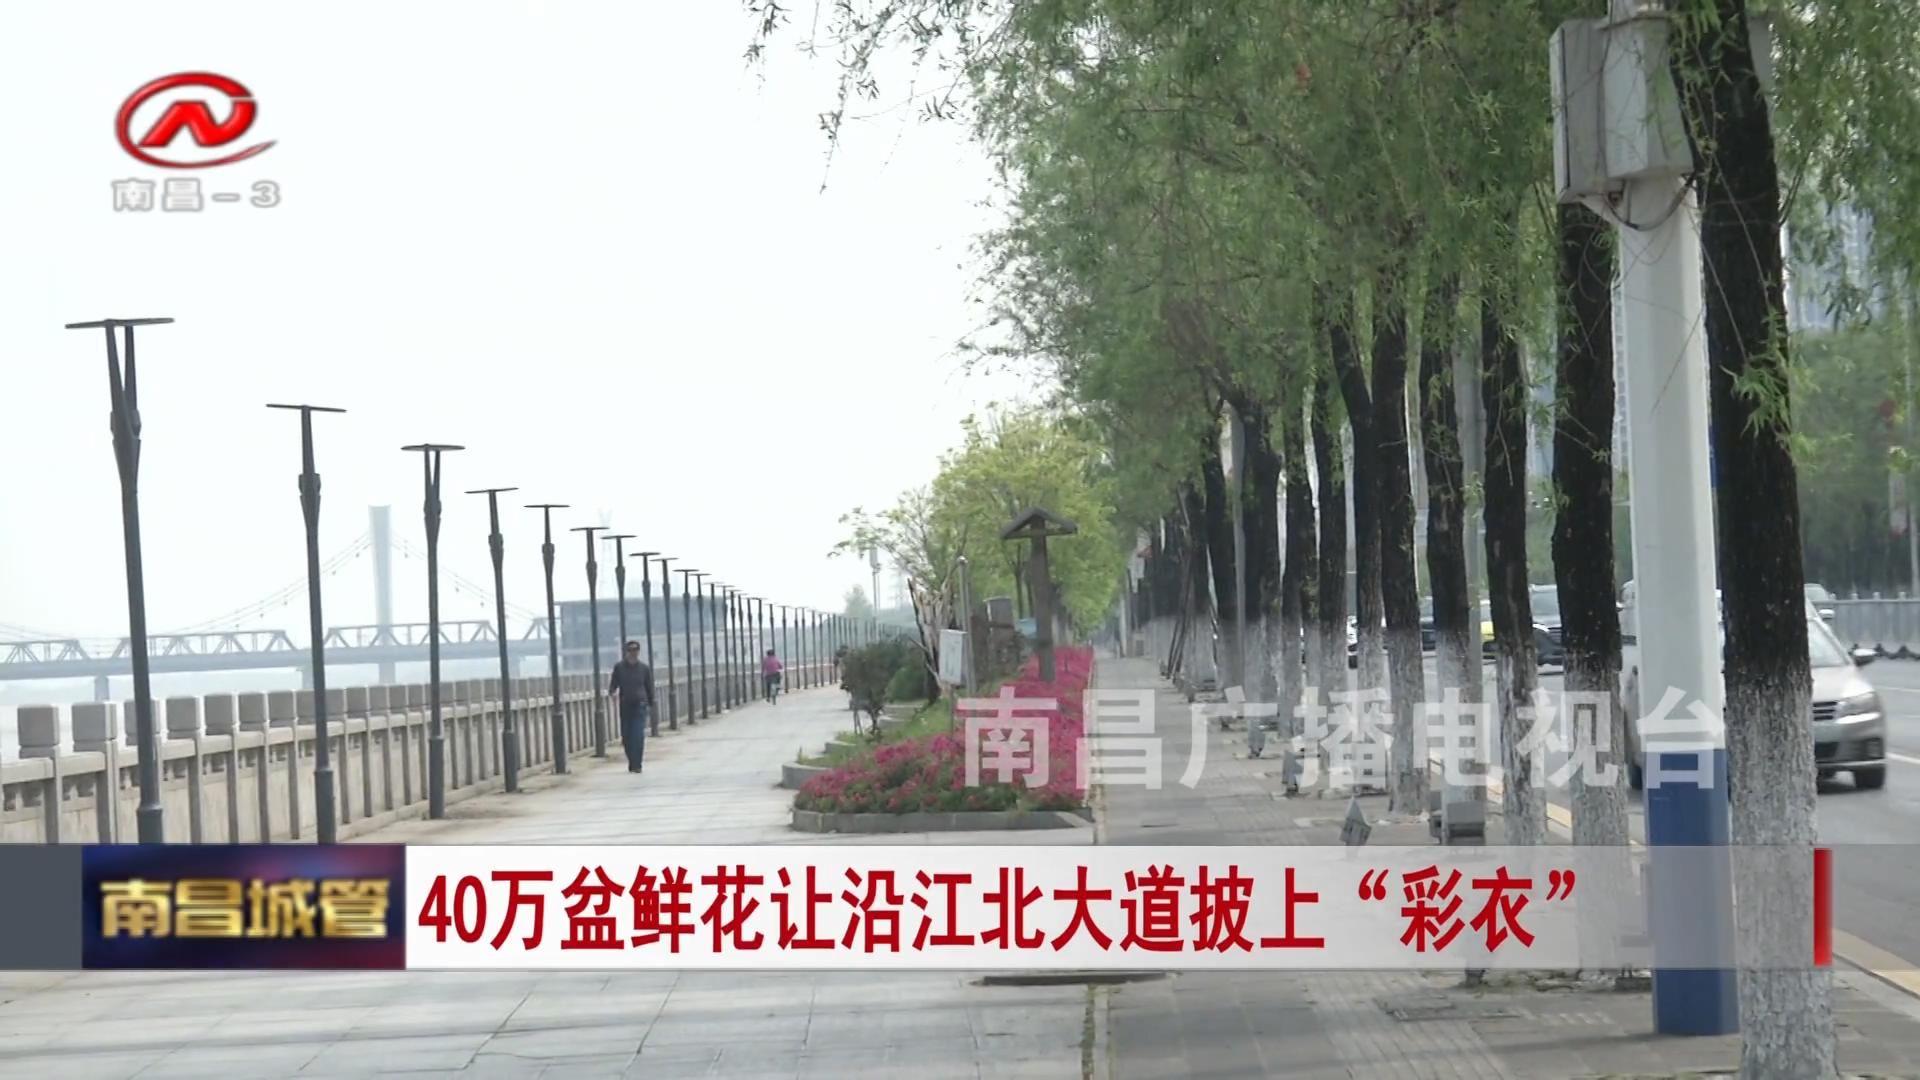 """40万盆鲜花让沿江北大道披上""""彩衣"""""""